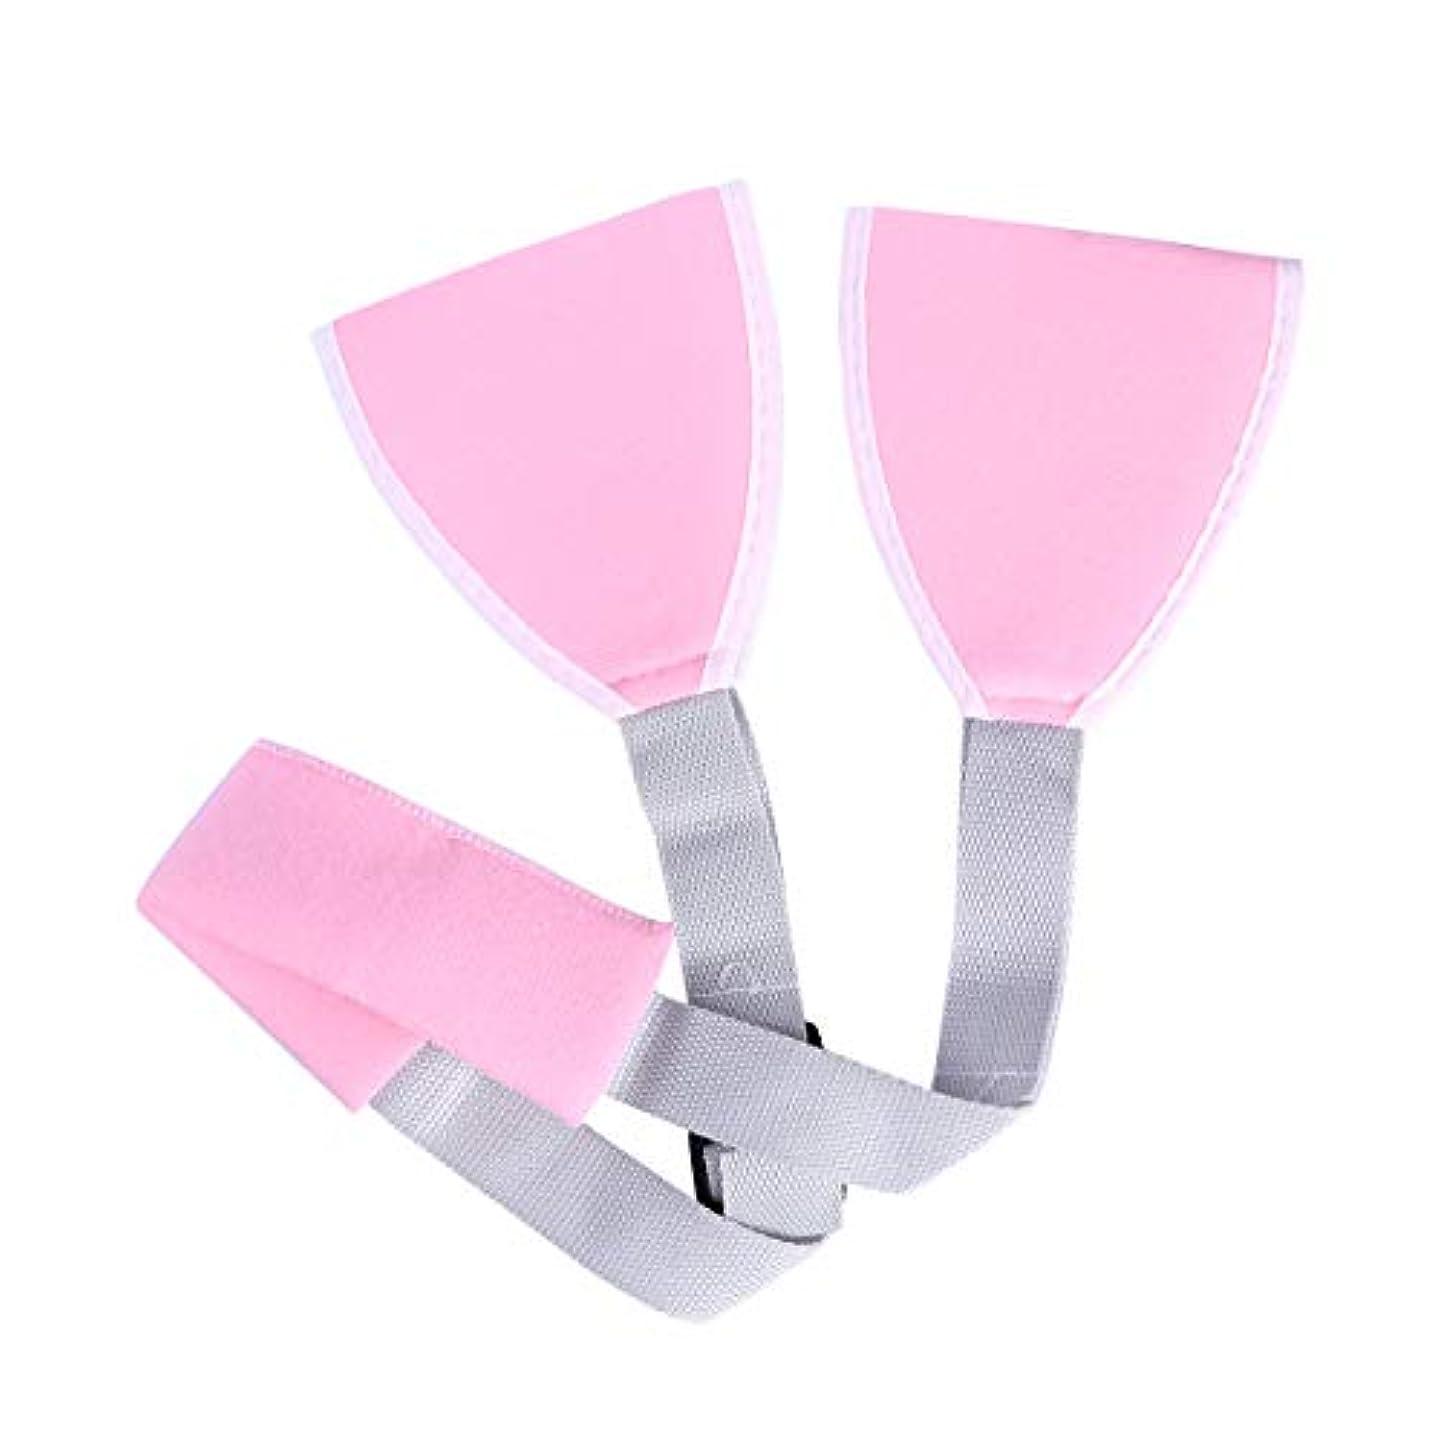 以上アルファベット校長Healifty アームスリング アームホルダー アームスリング アームのサポート 調節可能 通気性 調節可能 腕の骨折?脱臼時のギプス固定 医療用スリング(ピンク)